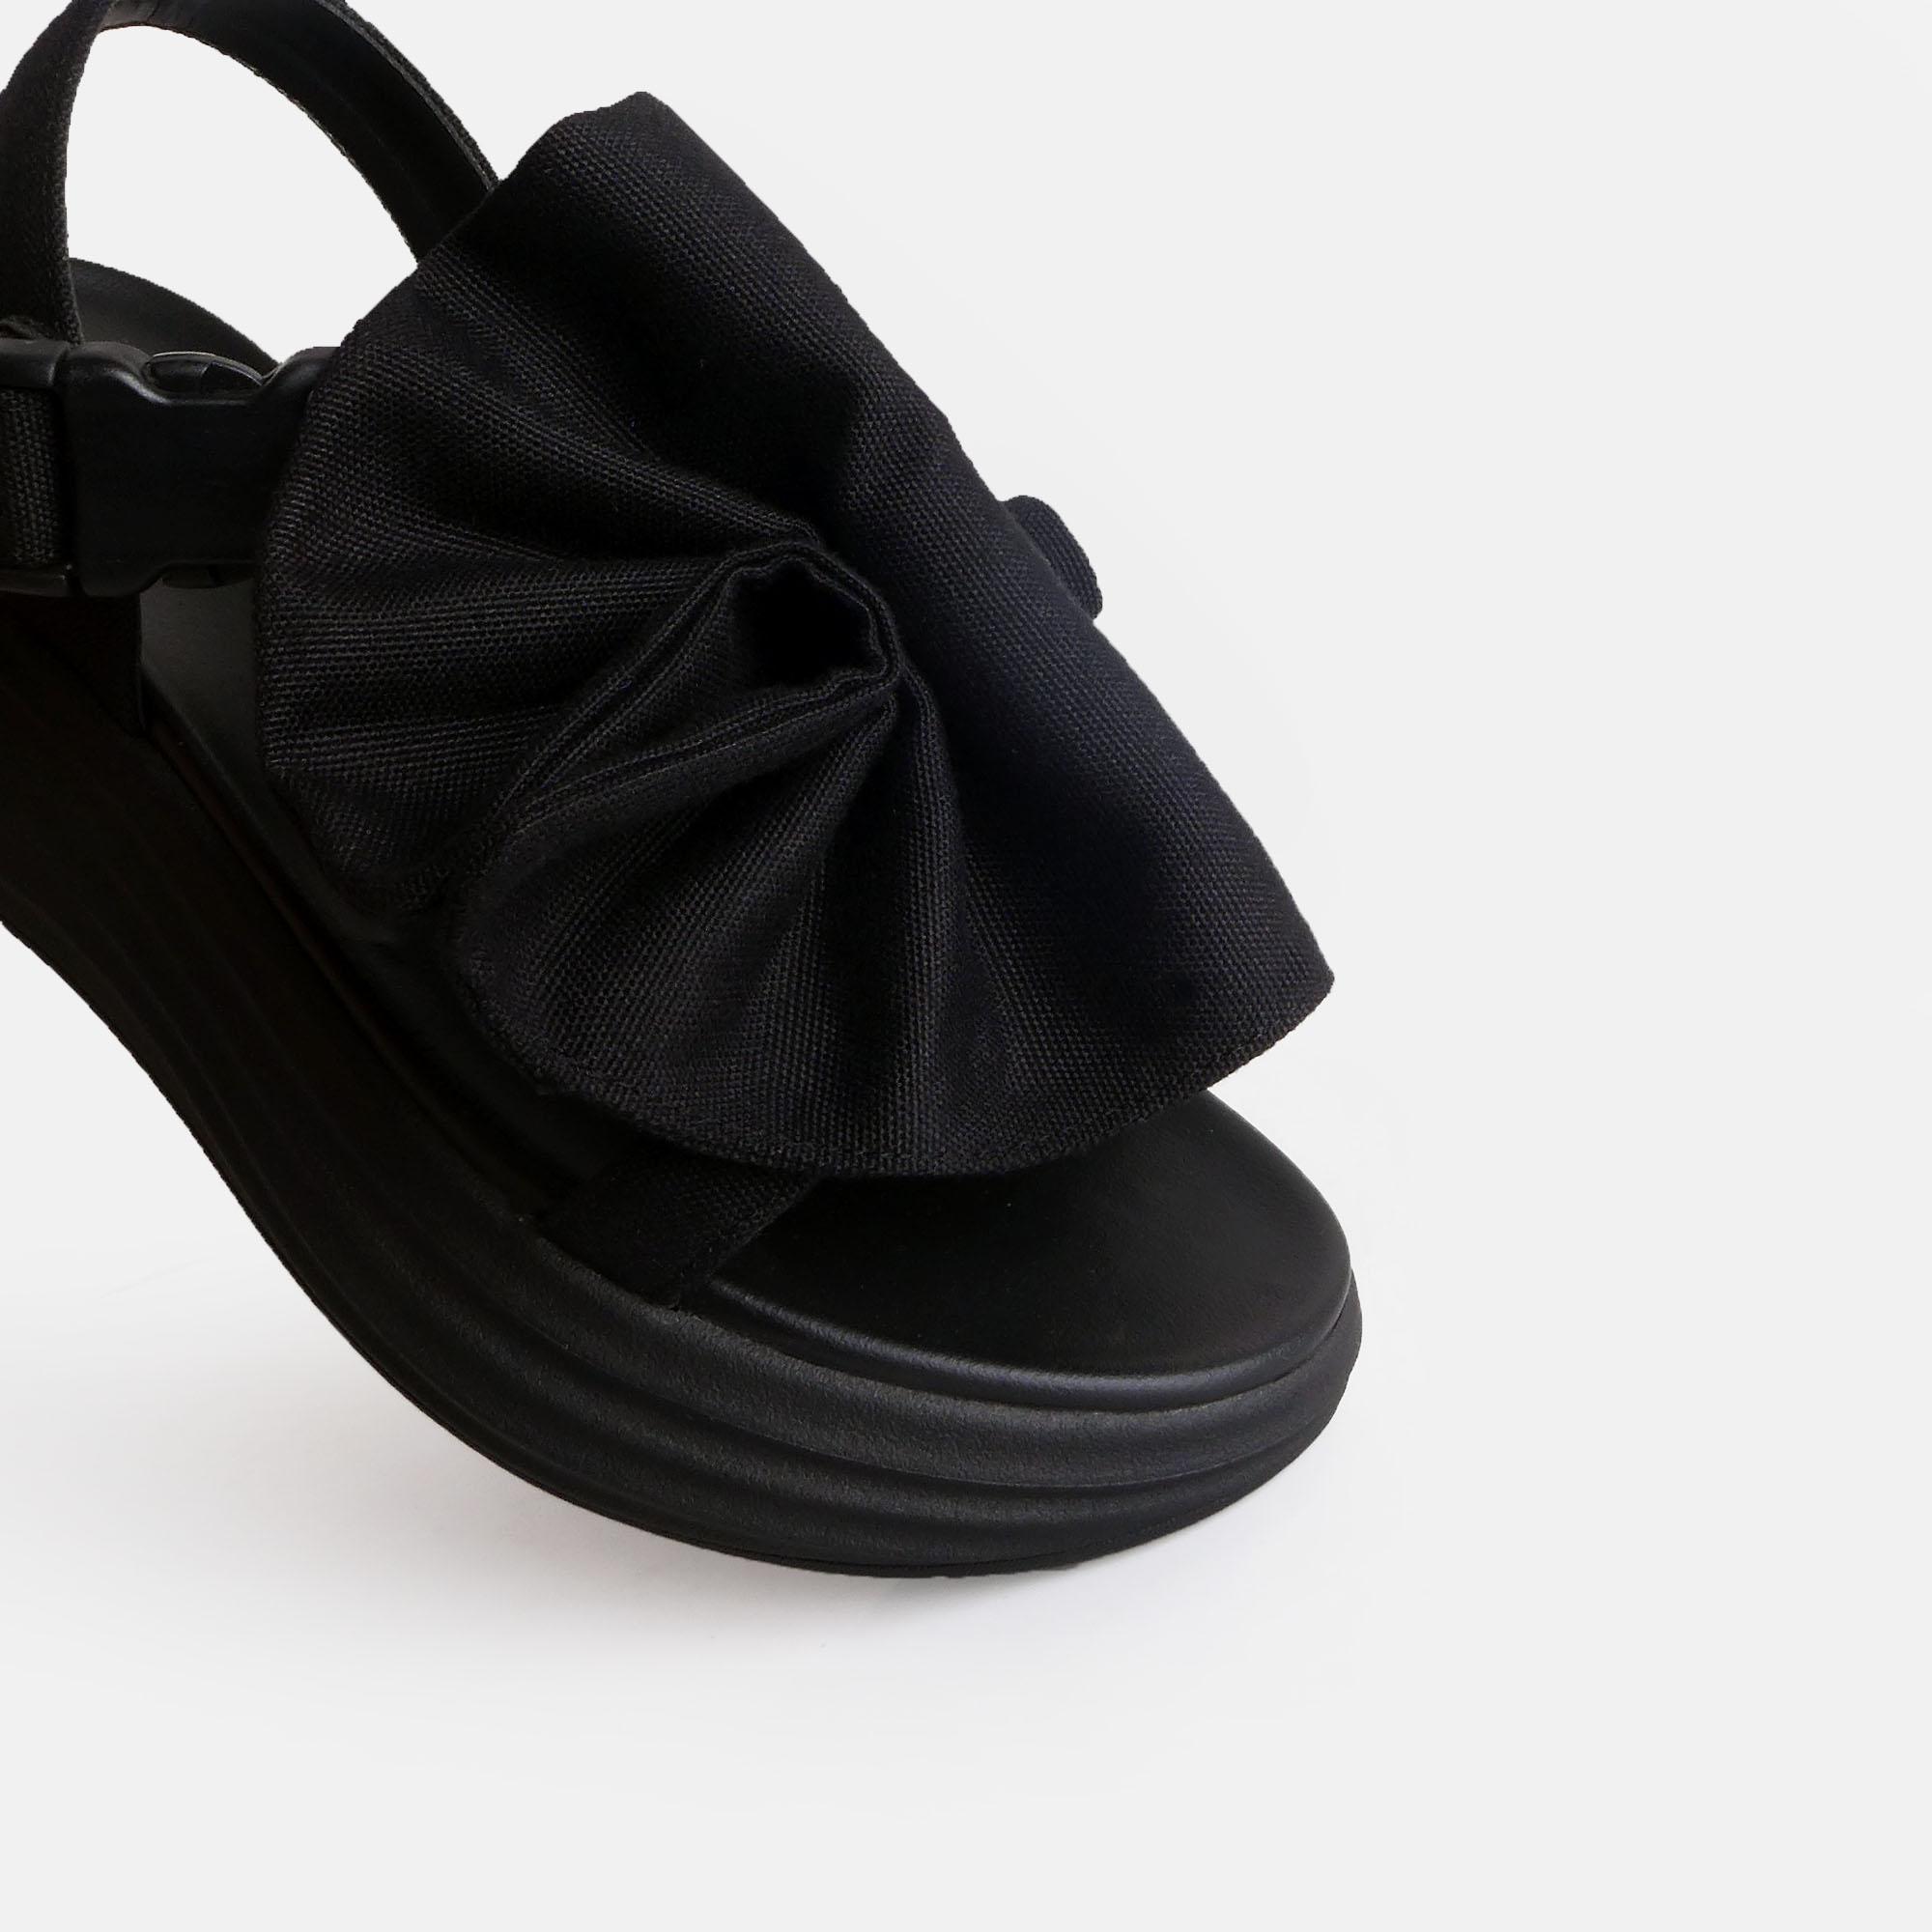 Dobo-Black-3.jpg